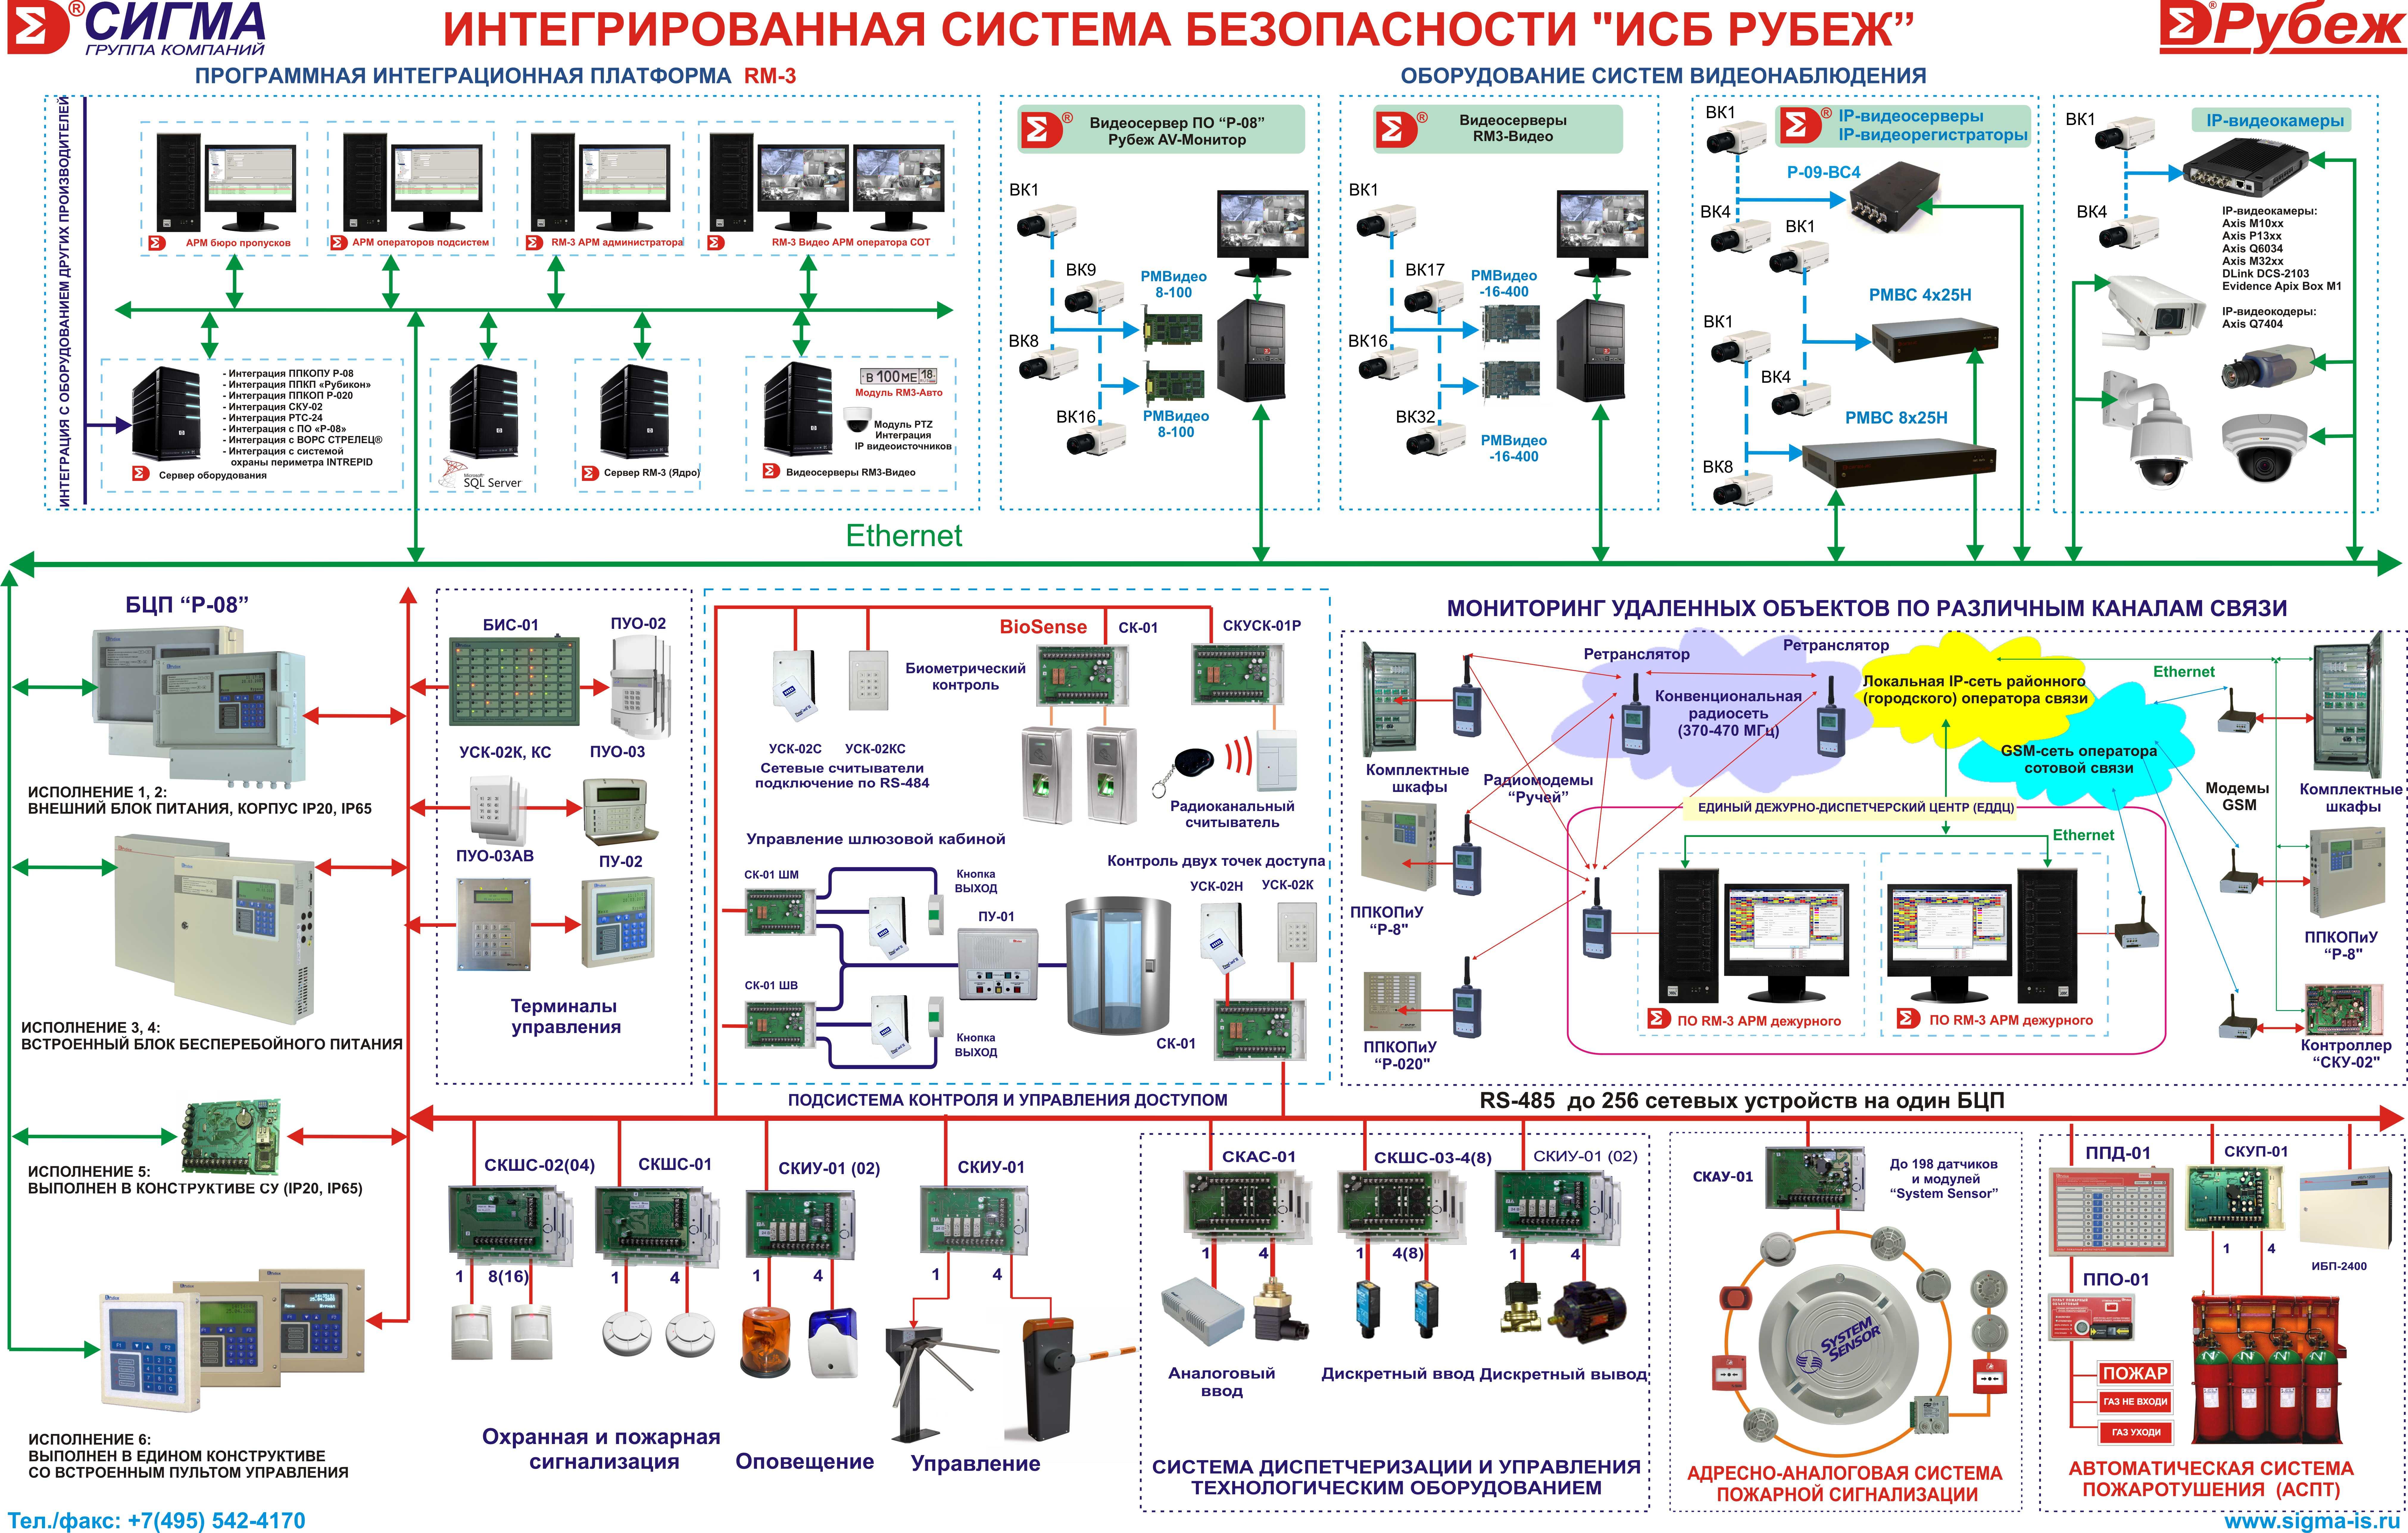 ИСБ Рубеж-08